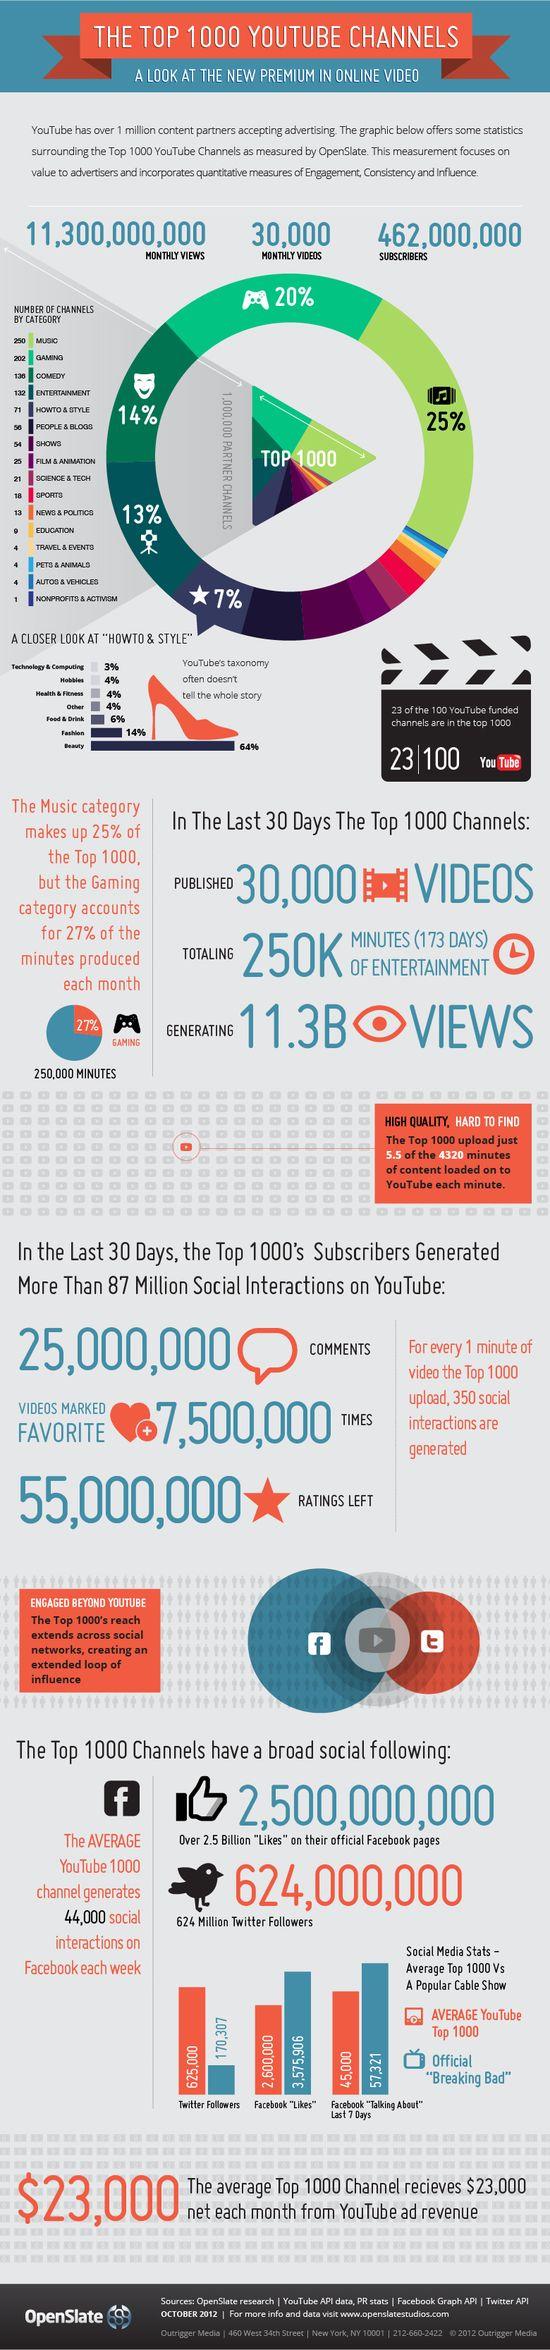 Najlepsze kana?y w YouTube generuj? ?rednio 23 tysi?ce dolarów zysków z reklam